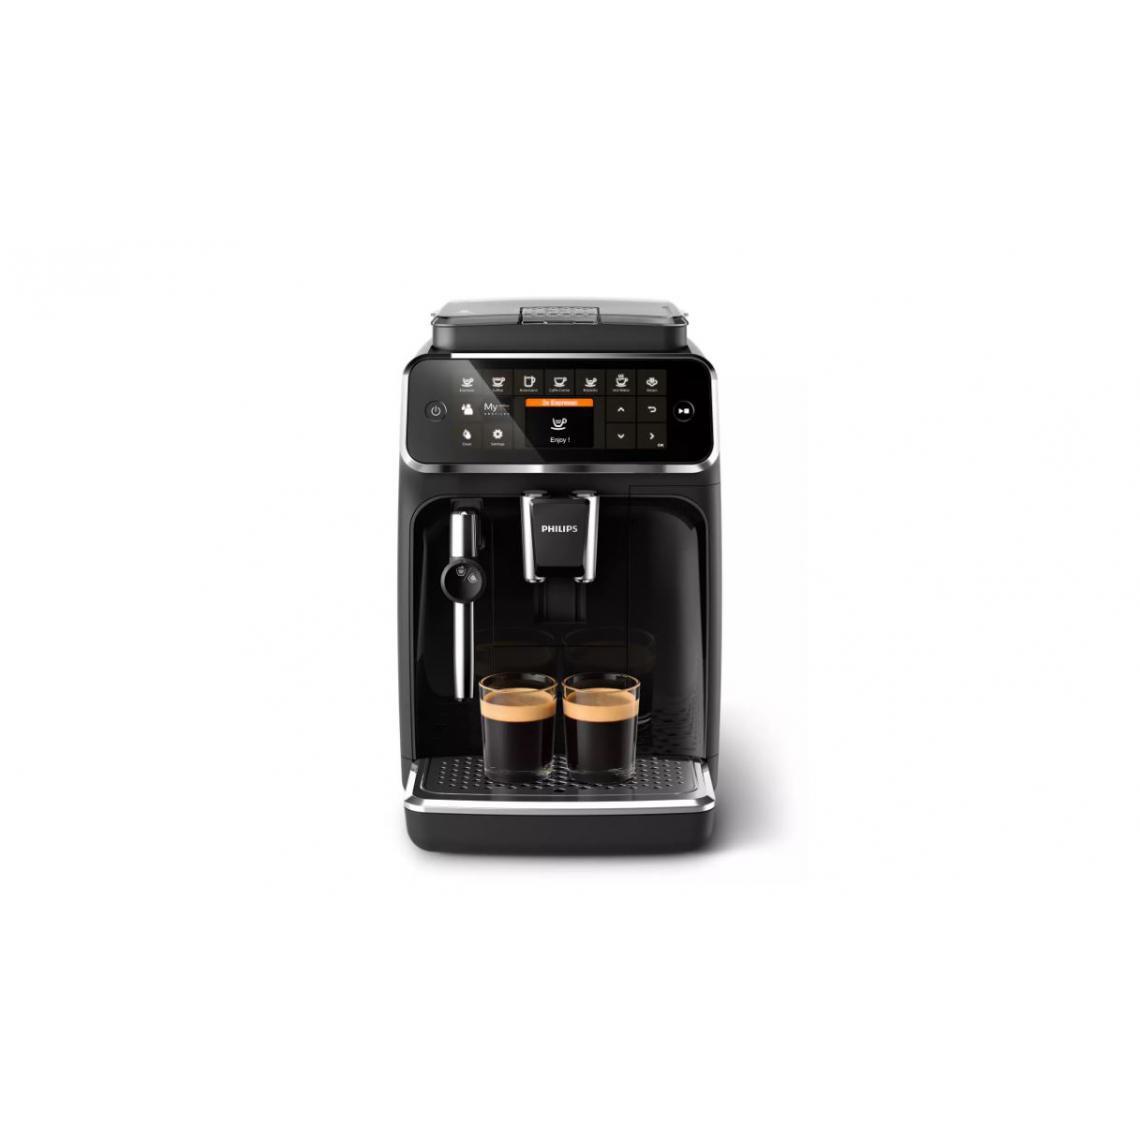 Philips Machine à café Expresso broyeur Série 4300 - EP4321/50 - Noir